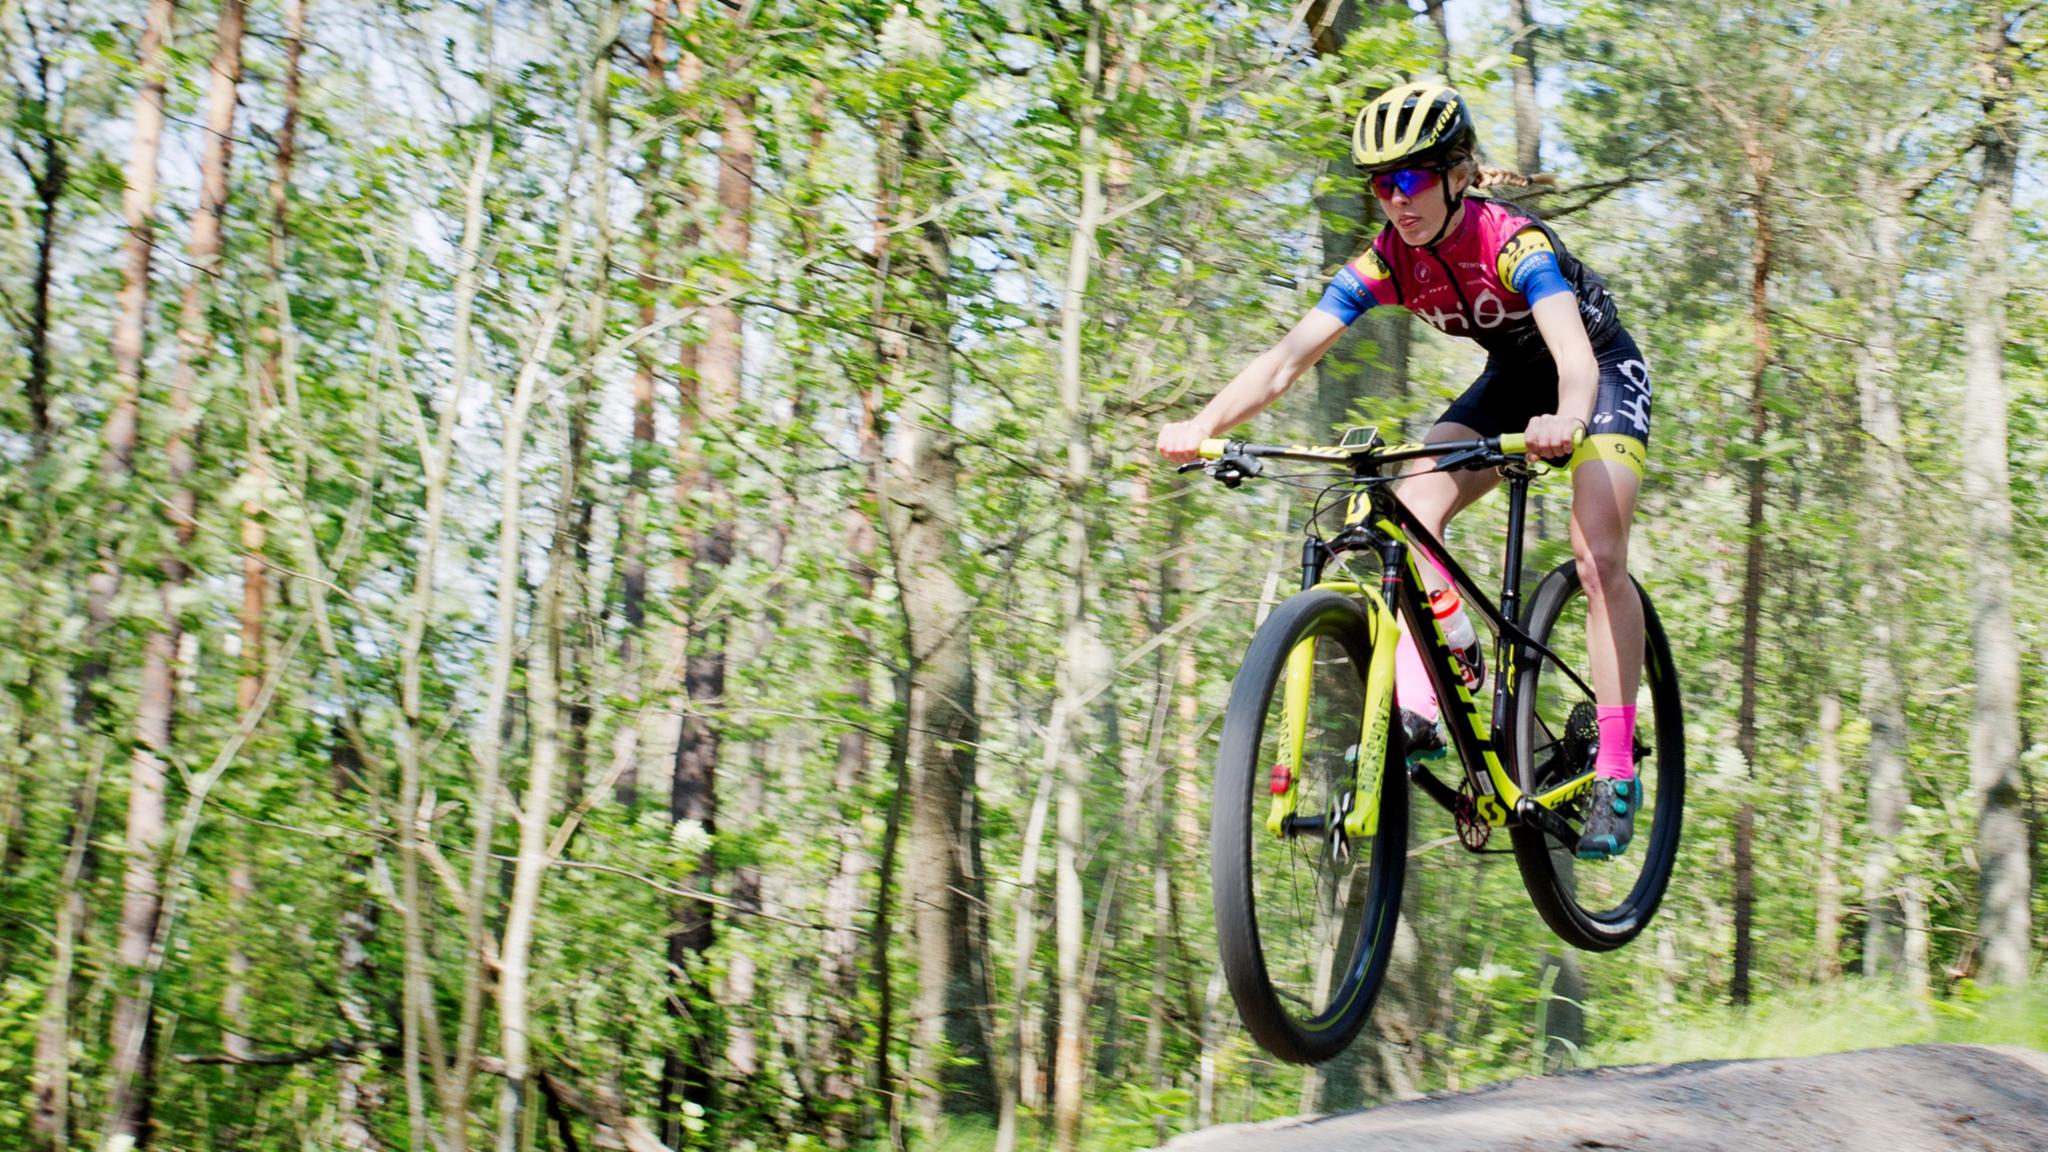 Cykling i naturen